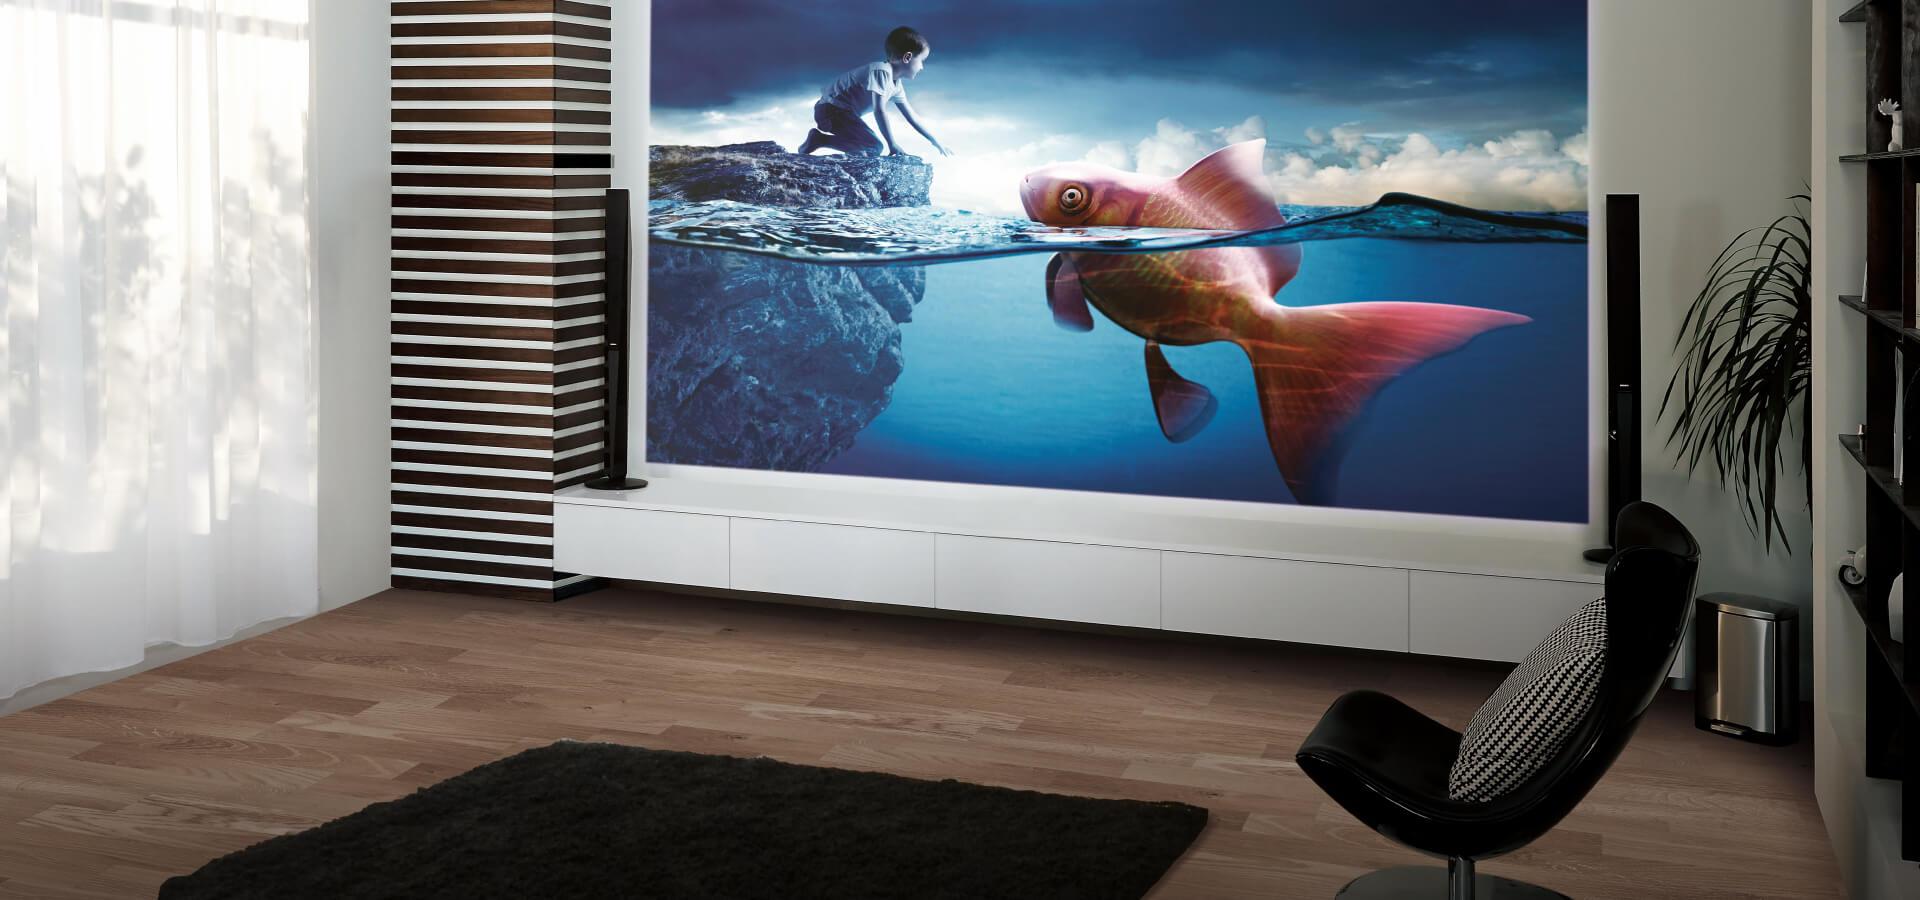 Проектор для домашнего кинотеатра для просмотра спортивных состязаний и кино | BenQ W1090